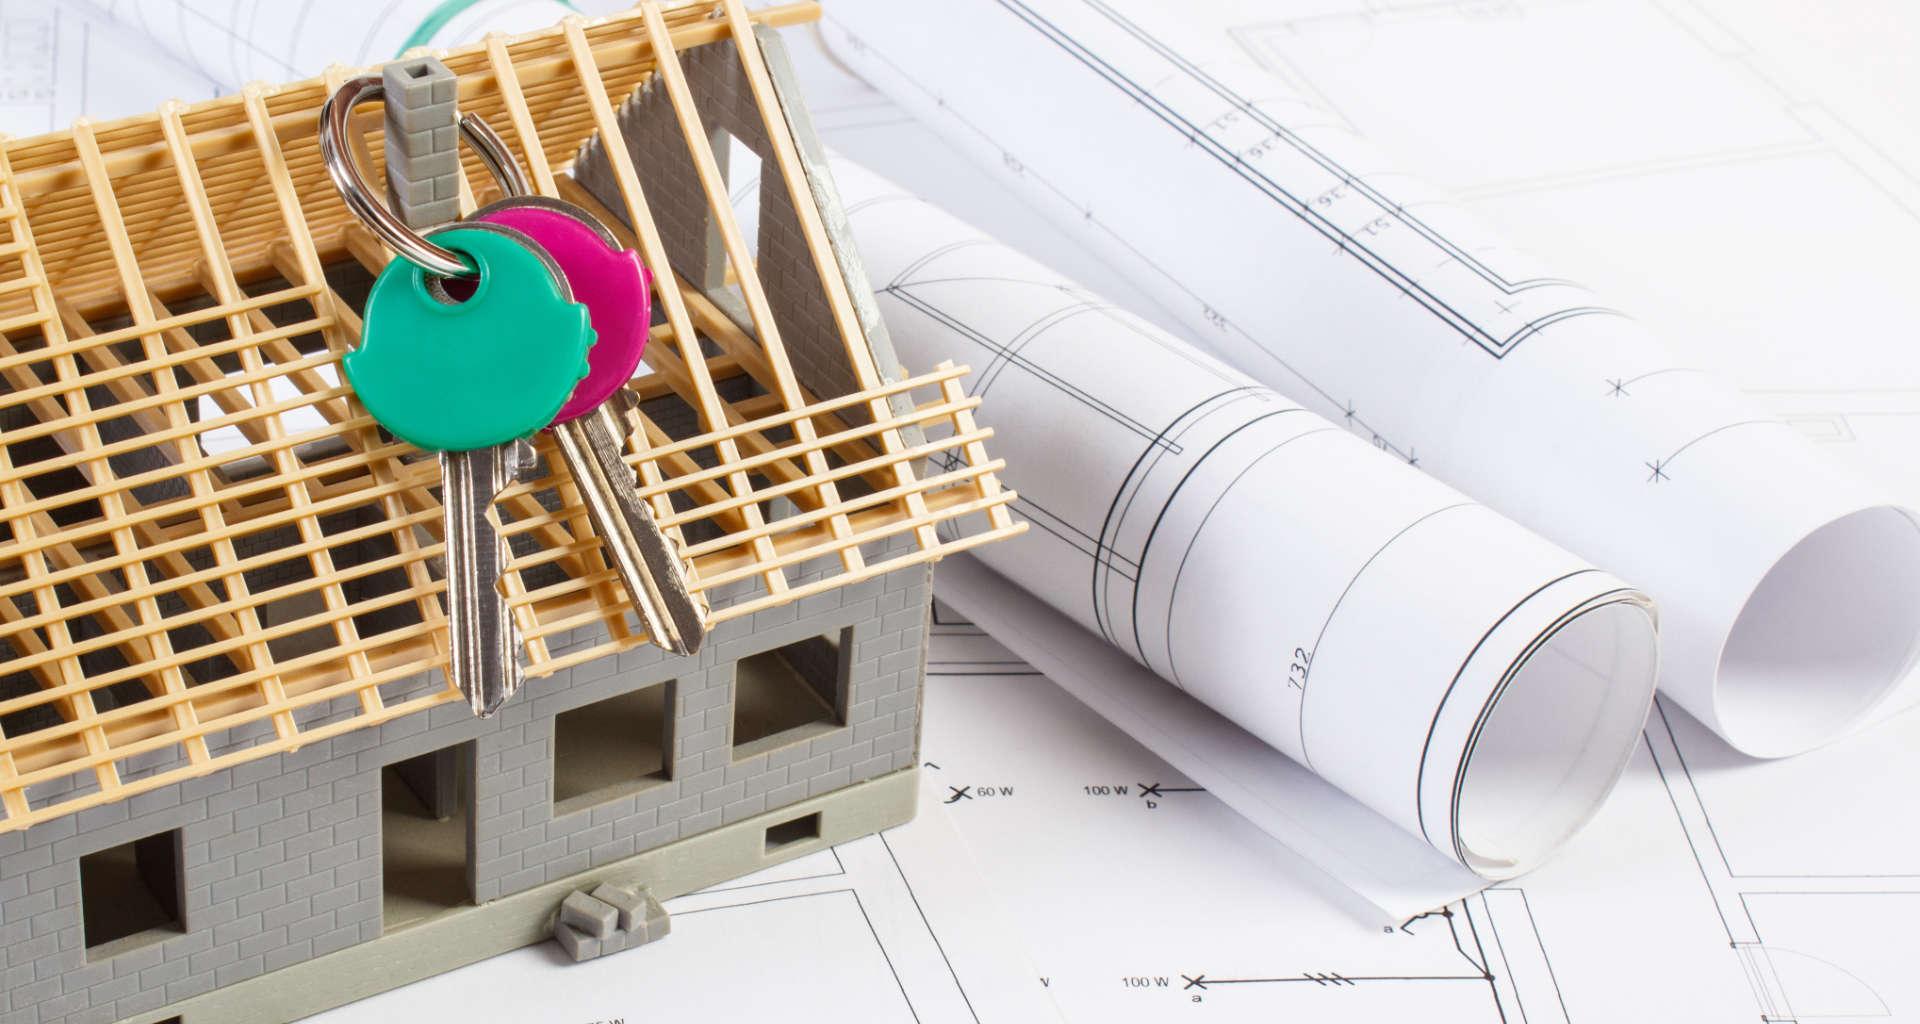 Iščete izvajalca za gradnjo hiše na ključ? Pomagali vam bomo najti pravega izvajalca za gradnjo hiše na ključ